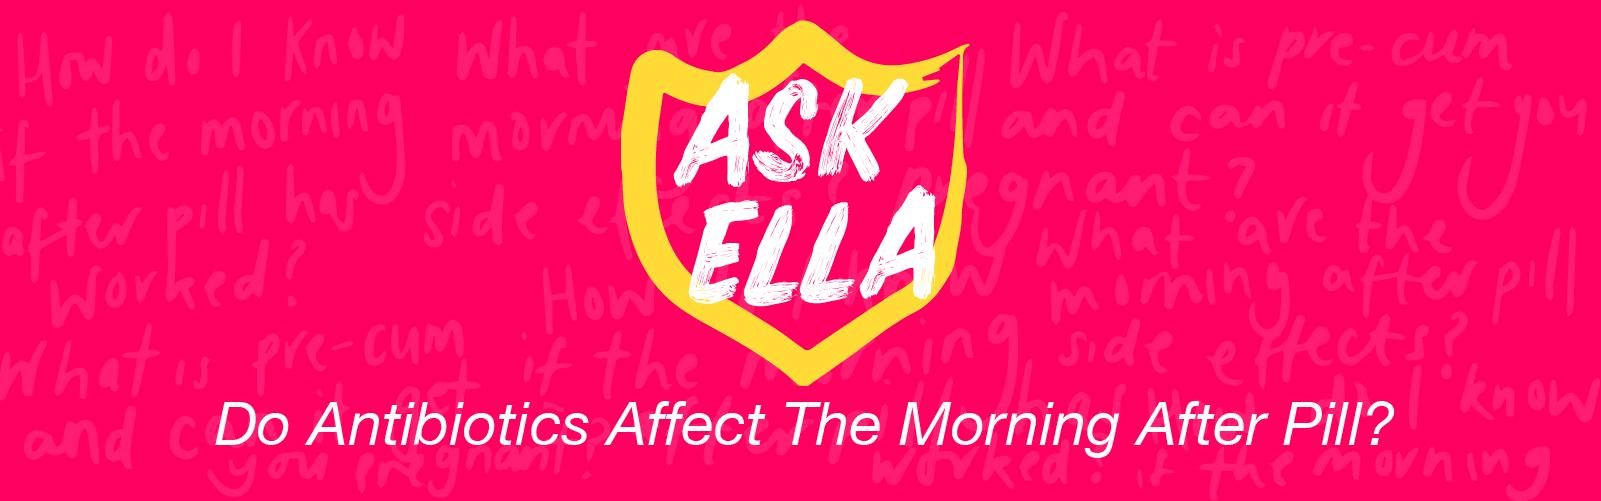 AskElla_Blog_11.png